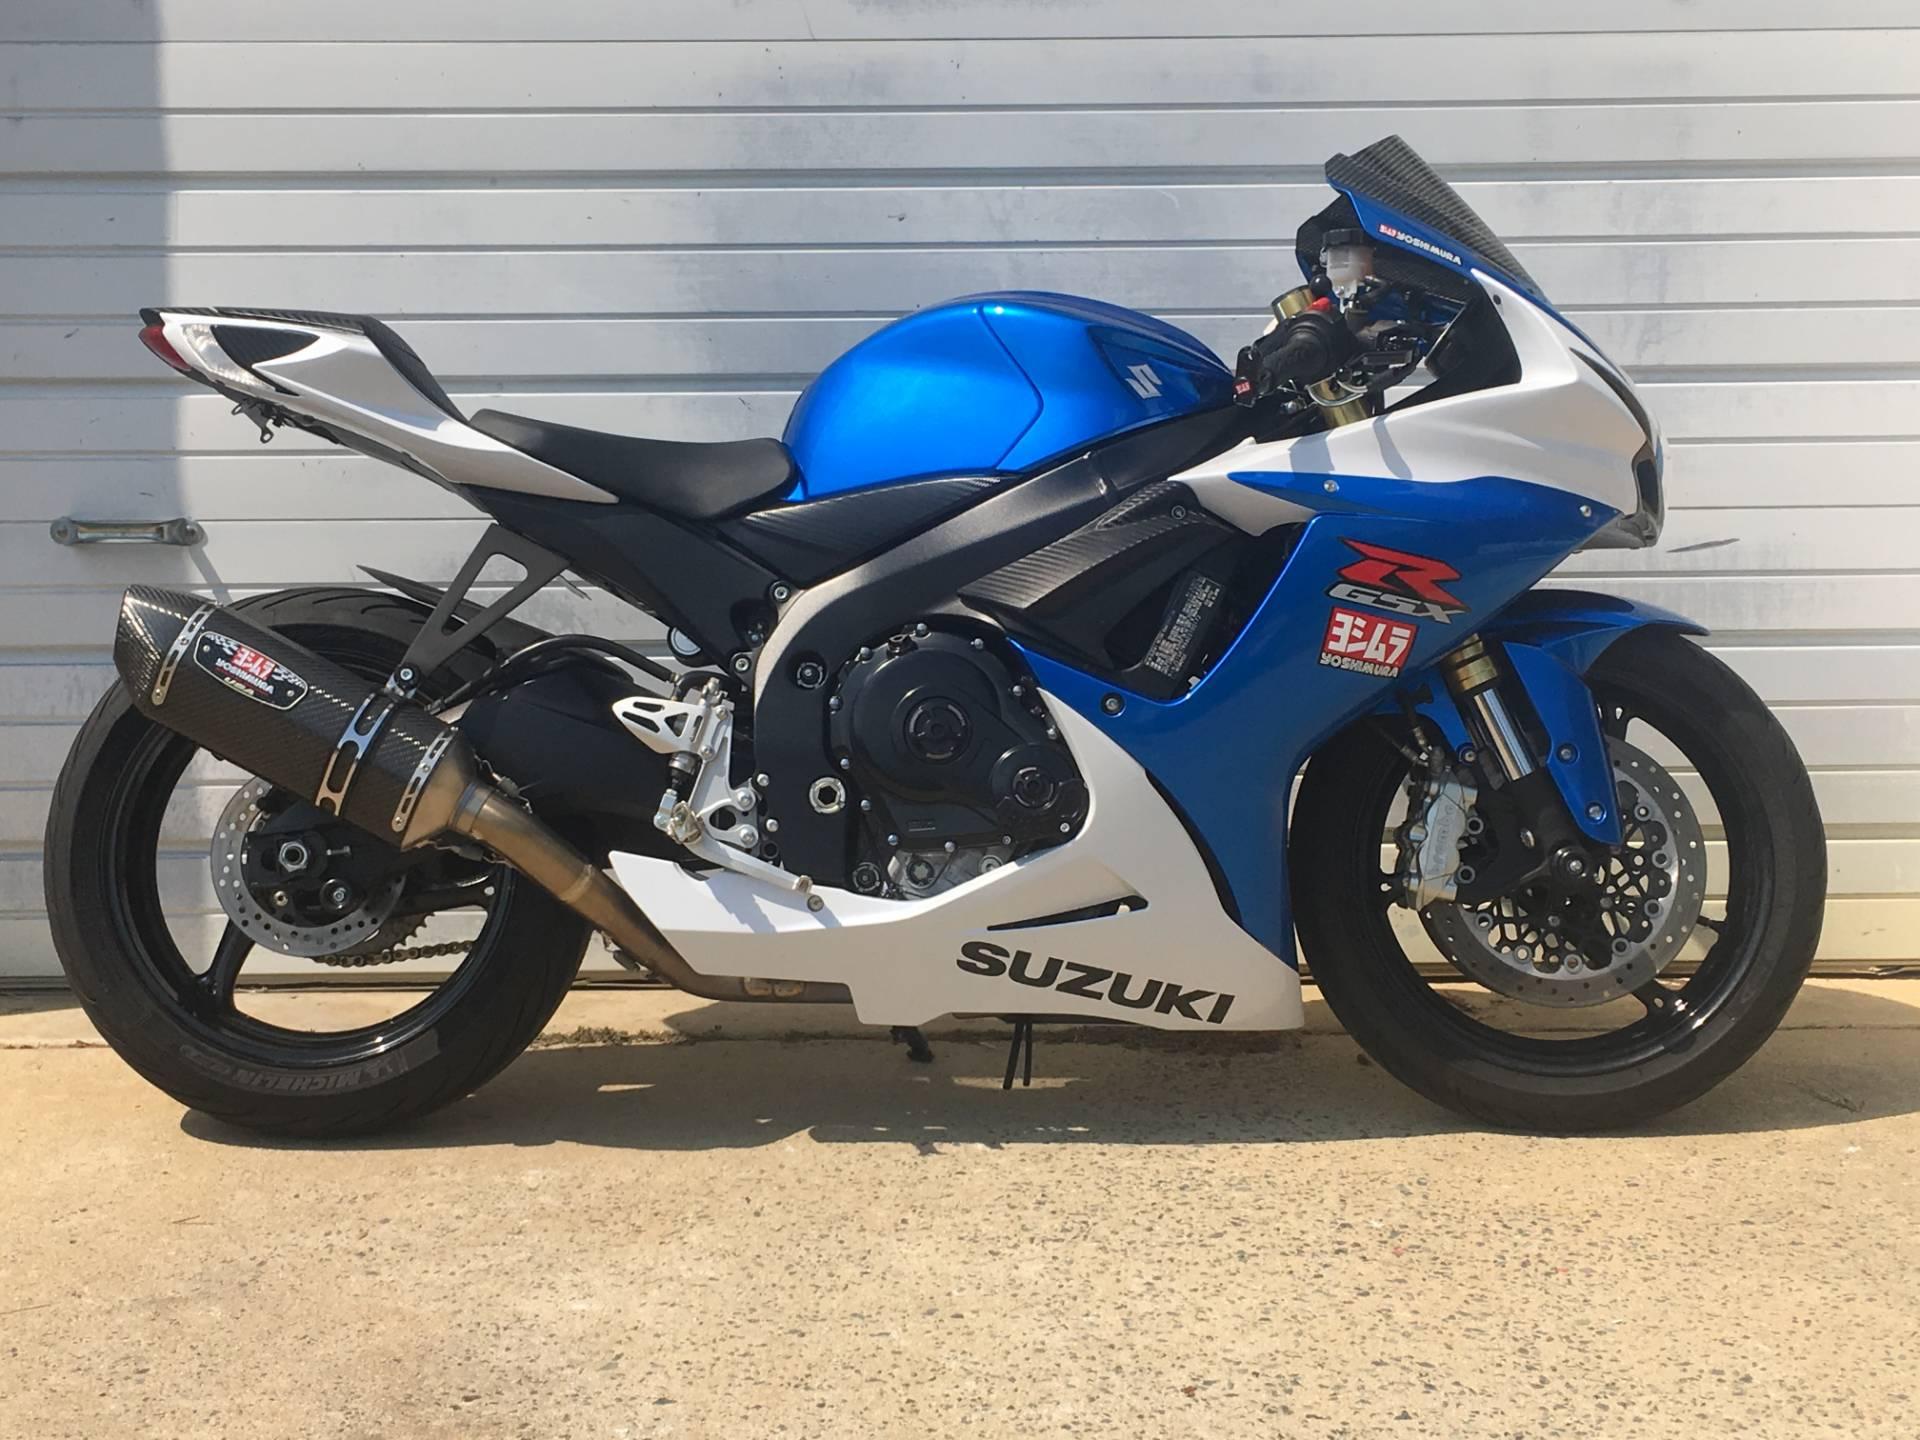 Used 2013 Suzuki GSX R750™ Motorcycles in Sanford NC